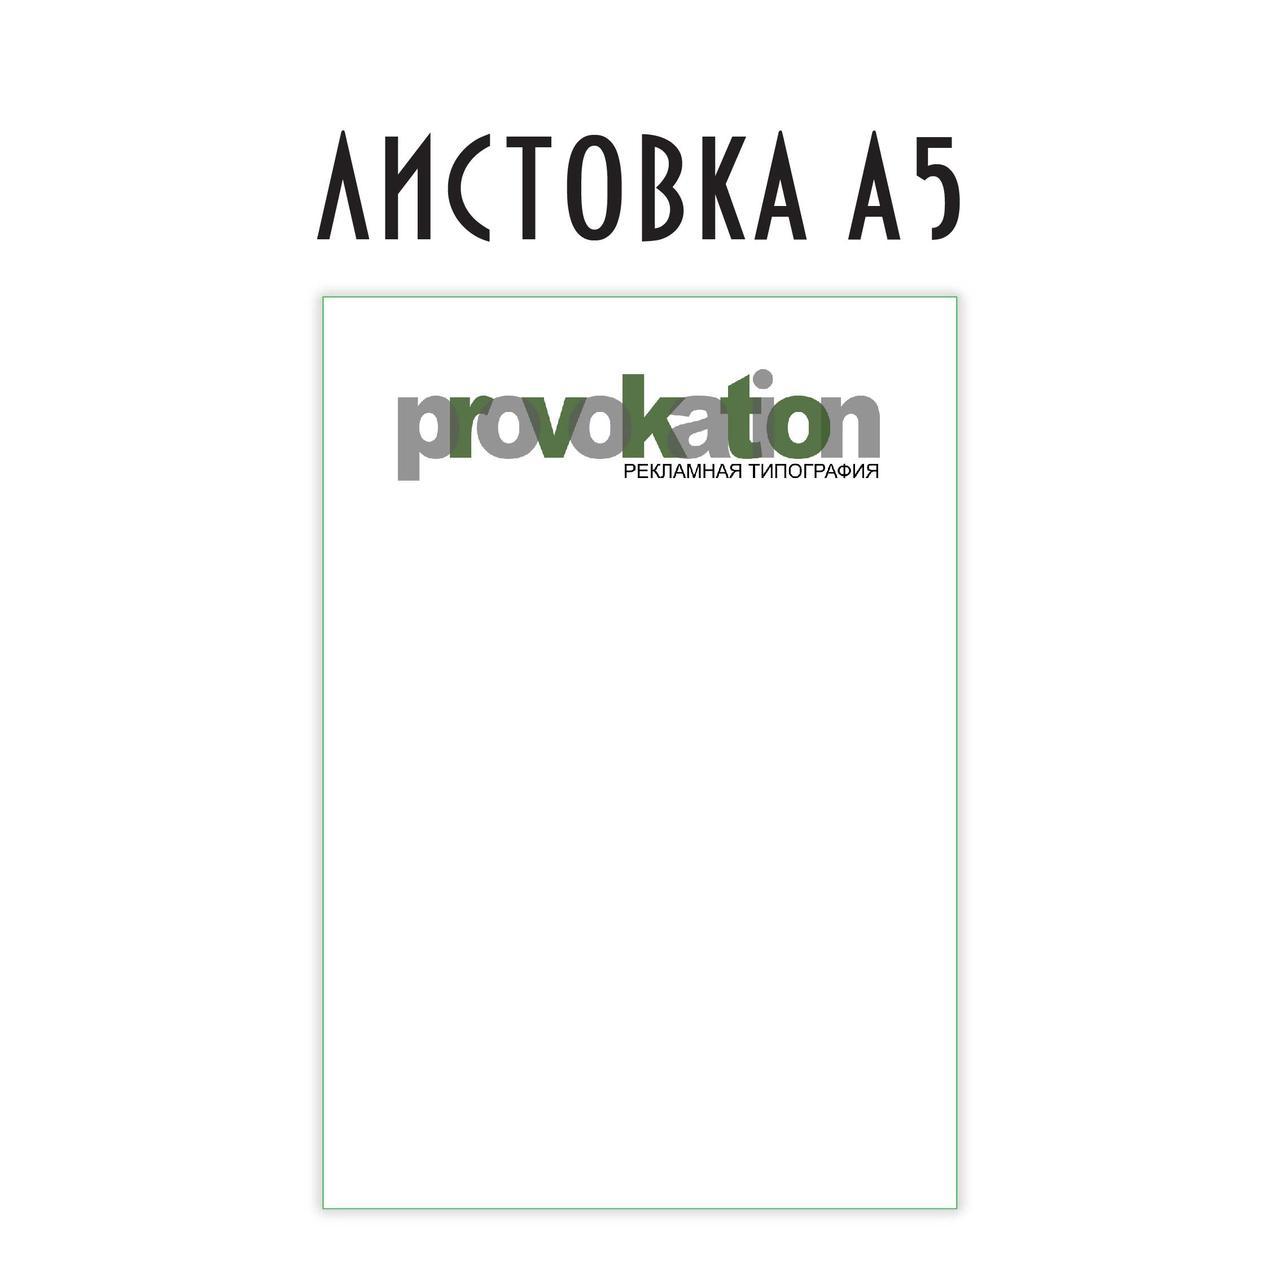 Офсетная печать листовок А5 формата